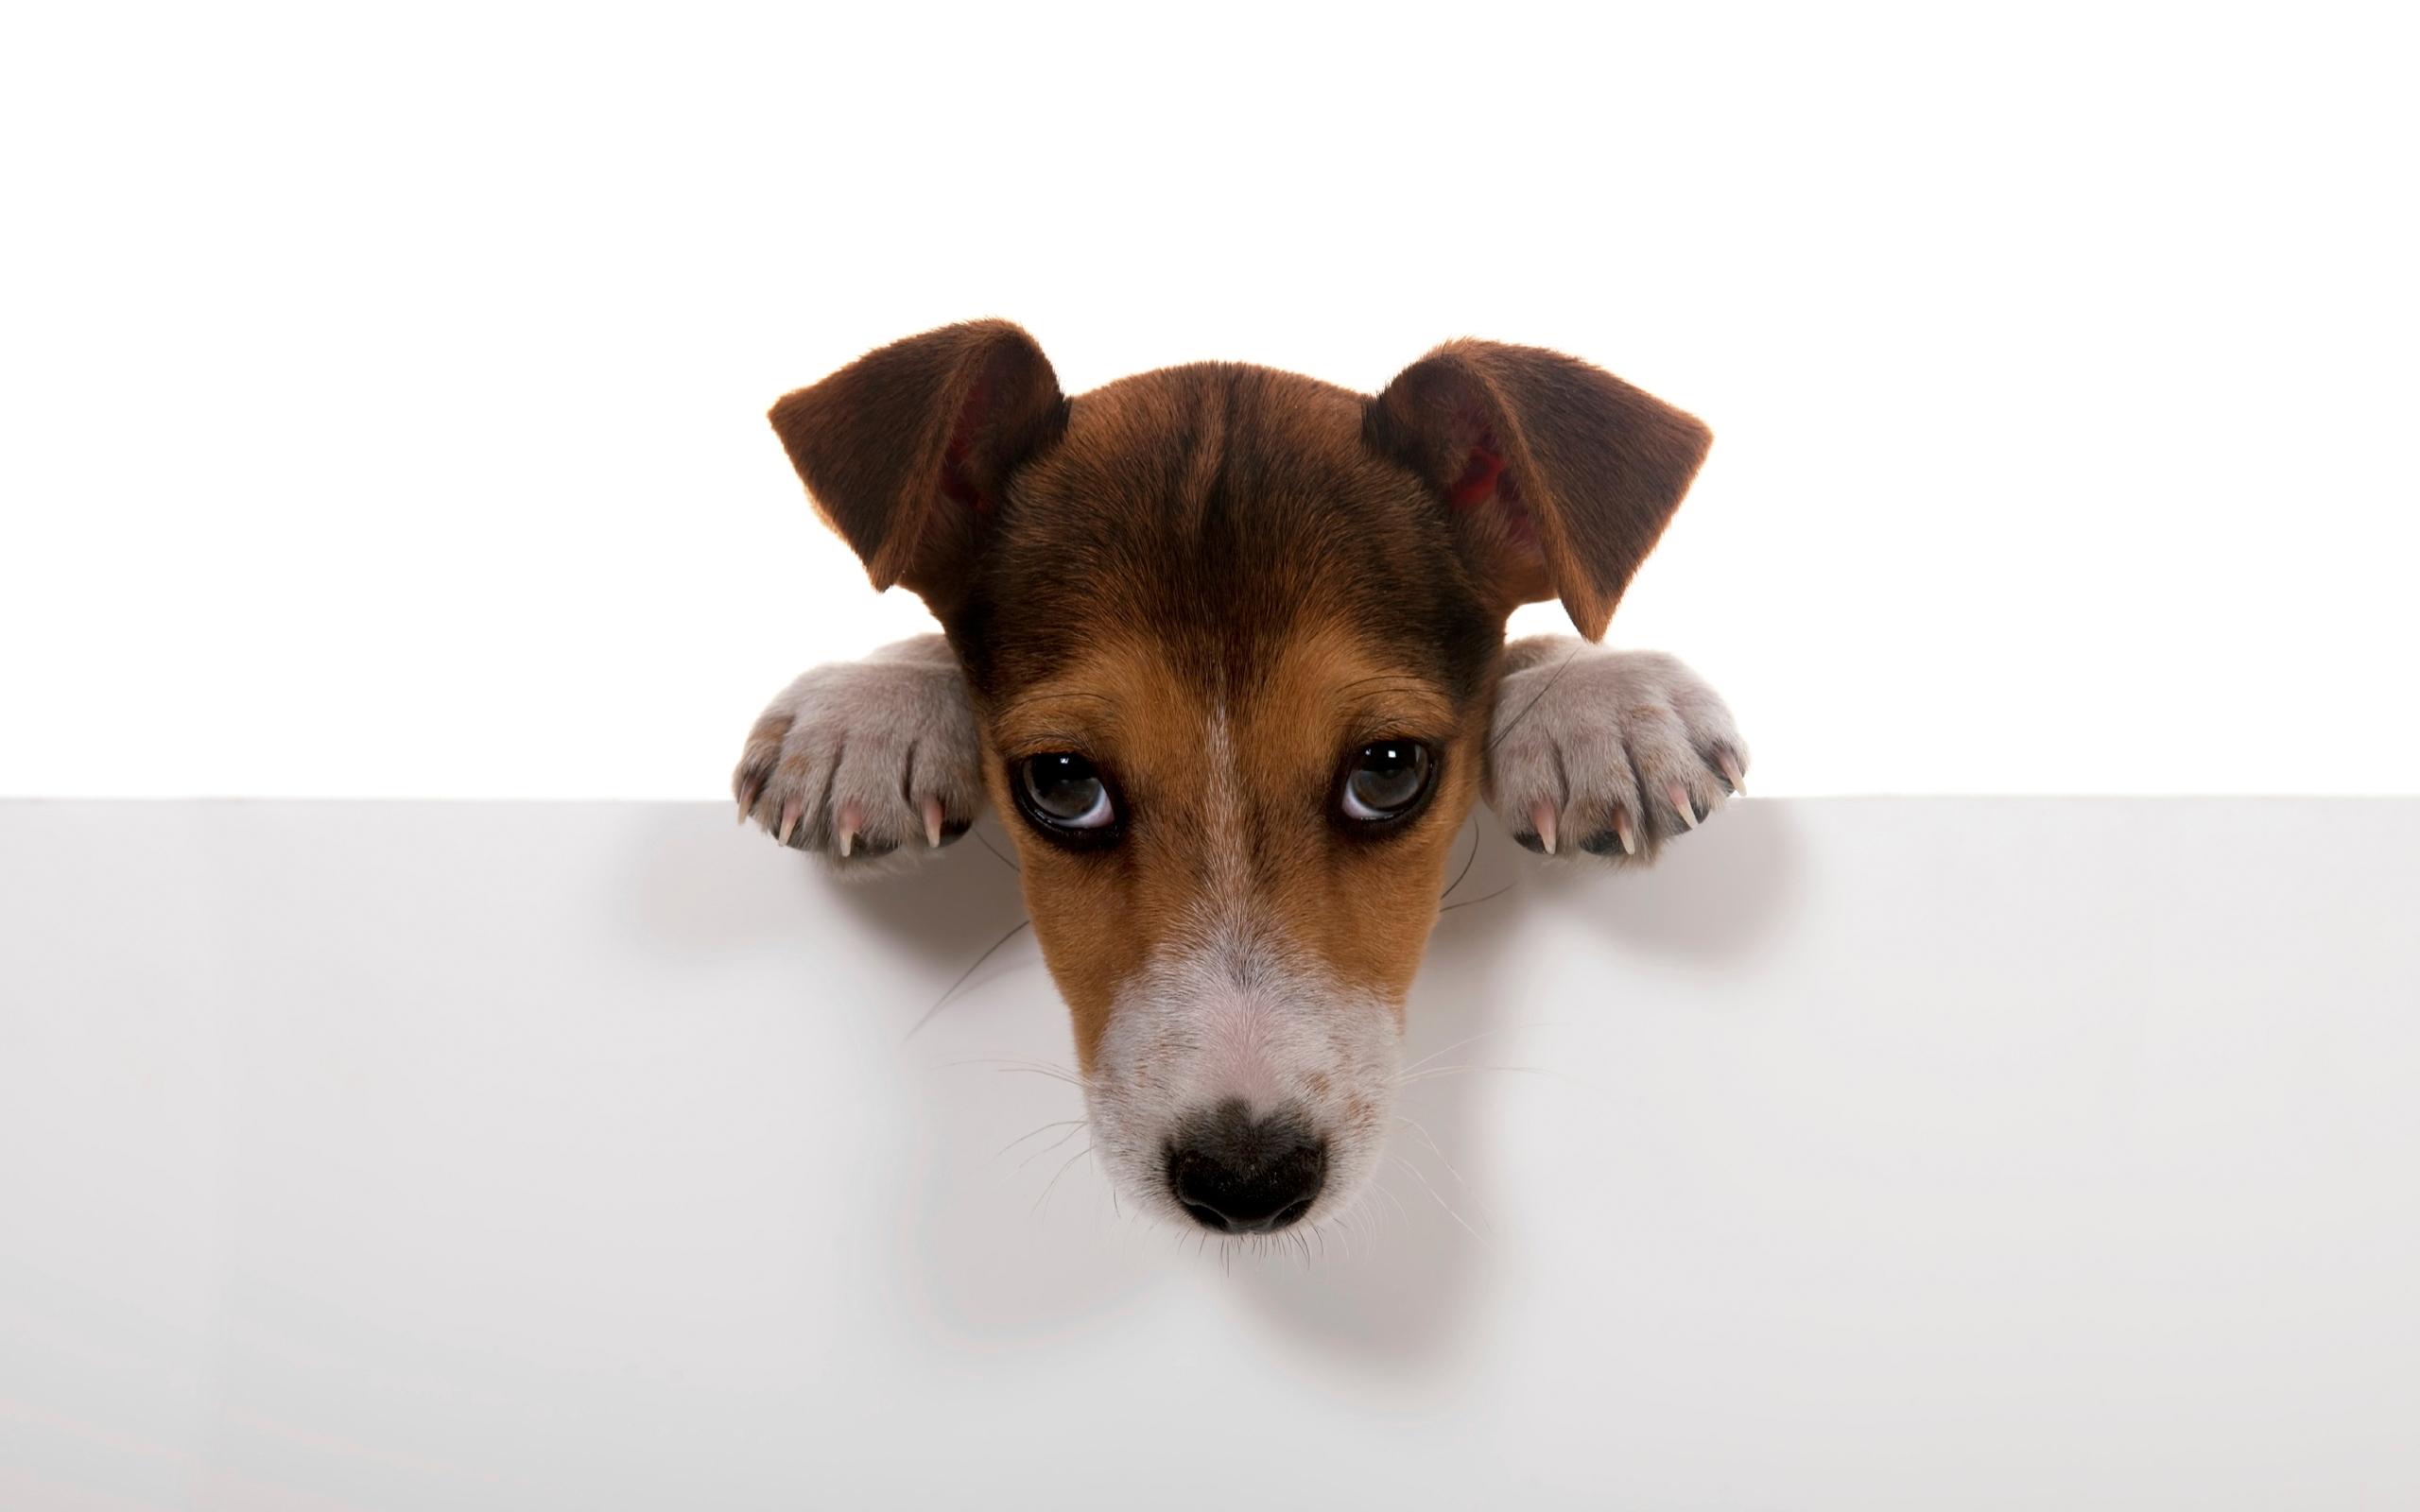 31746 Заставки и Обои Собаки на телефон. Скачать Животные, Собаки картинки бесплатно